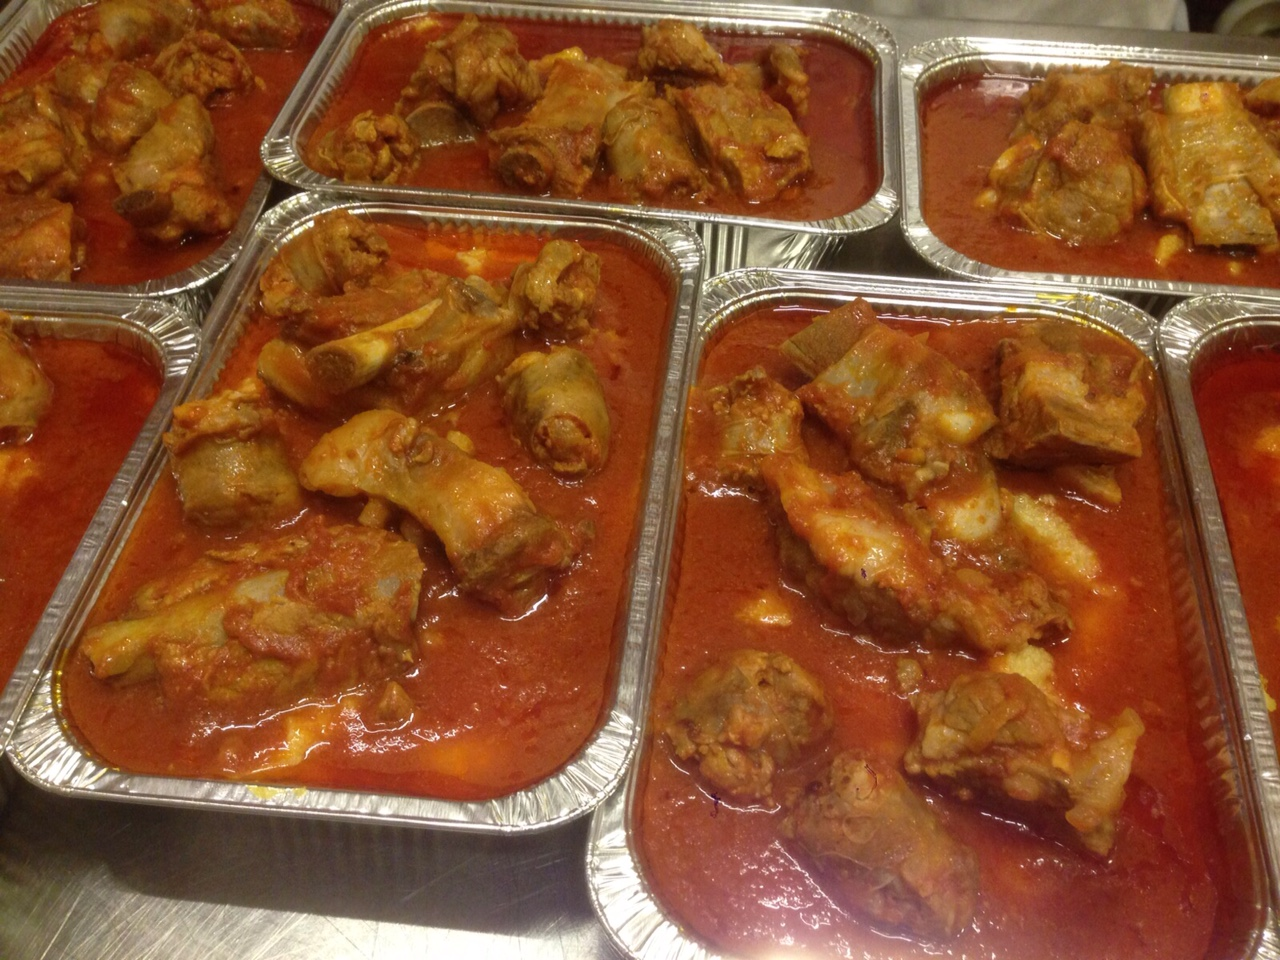 Preparati di gastronomia a Ceccano